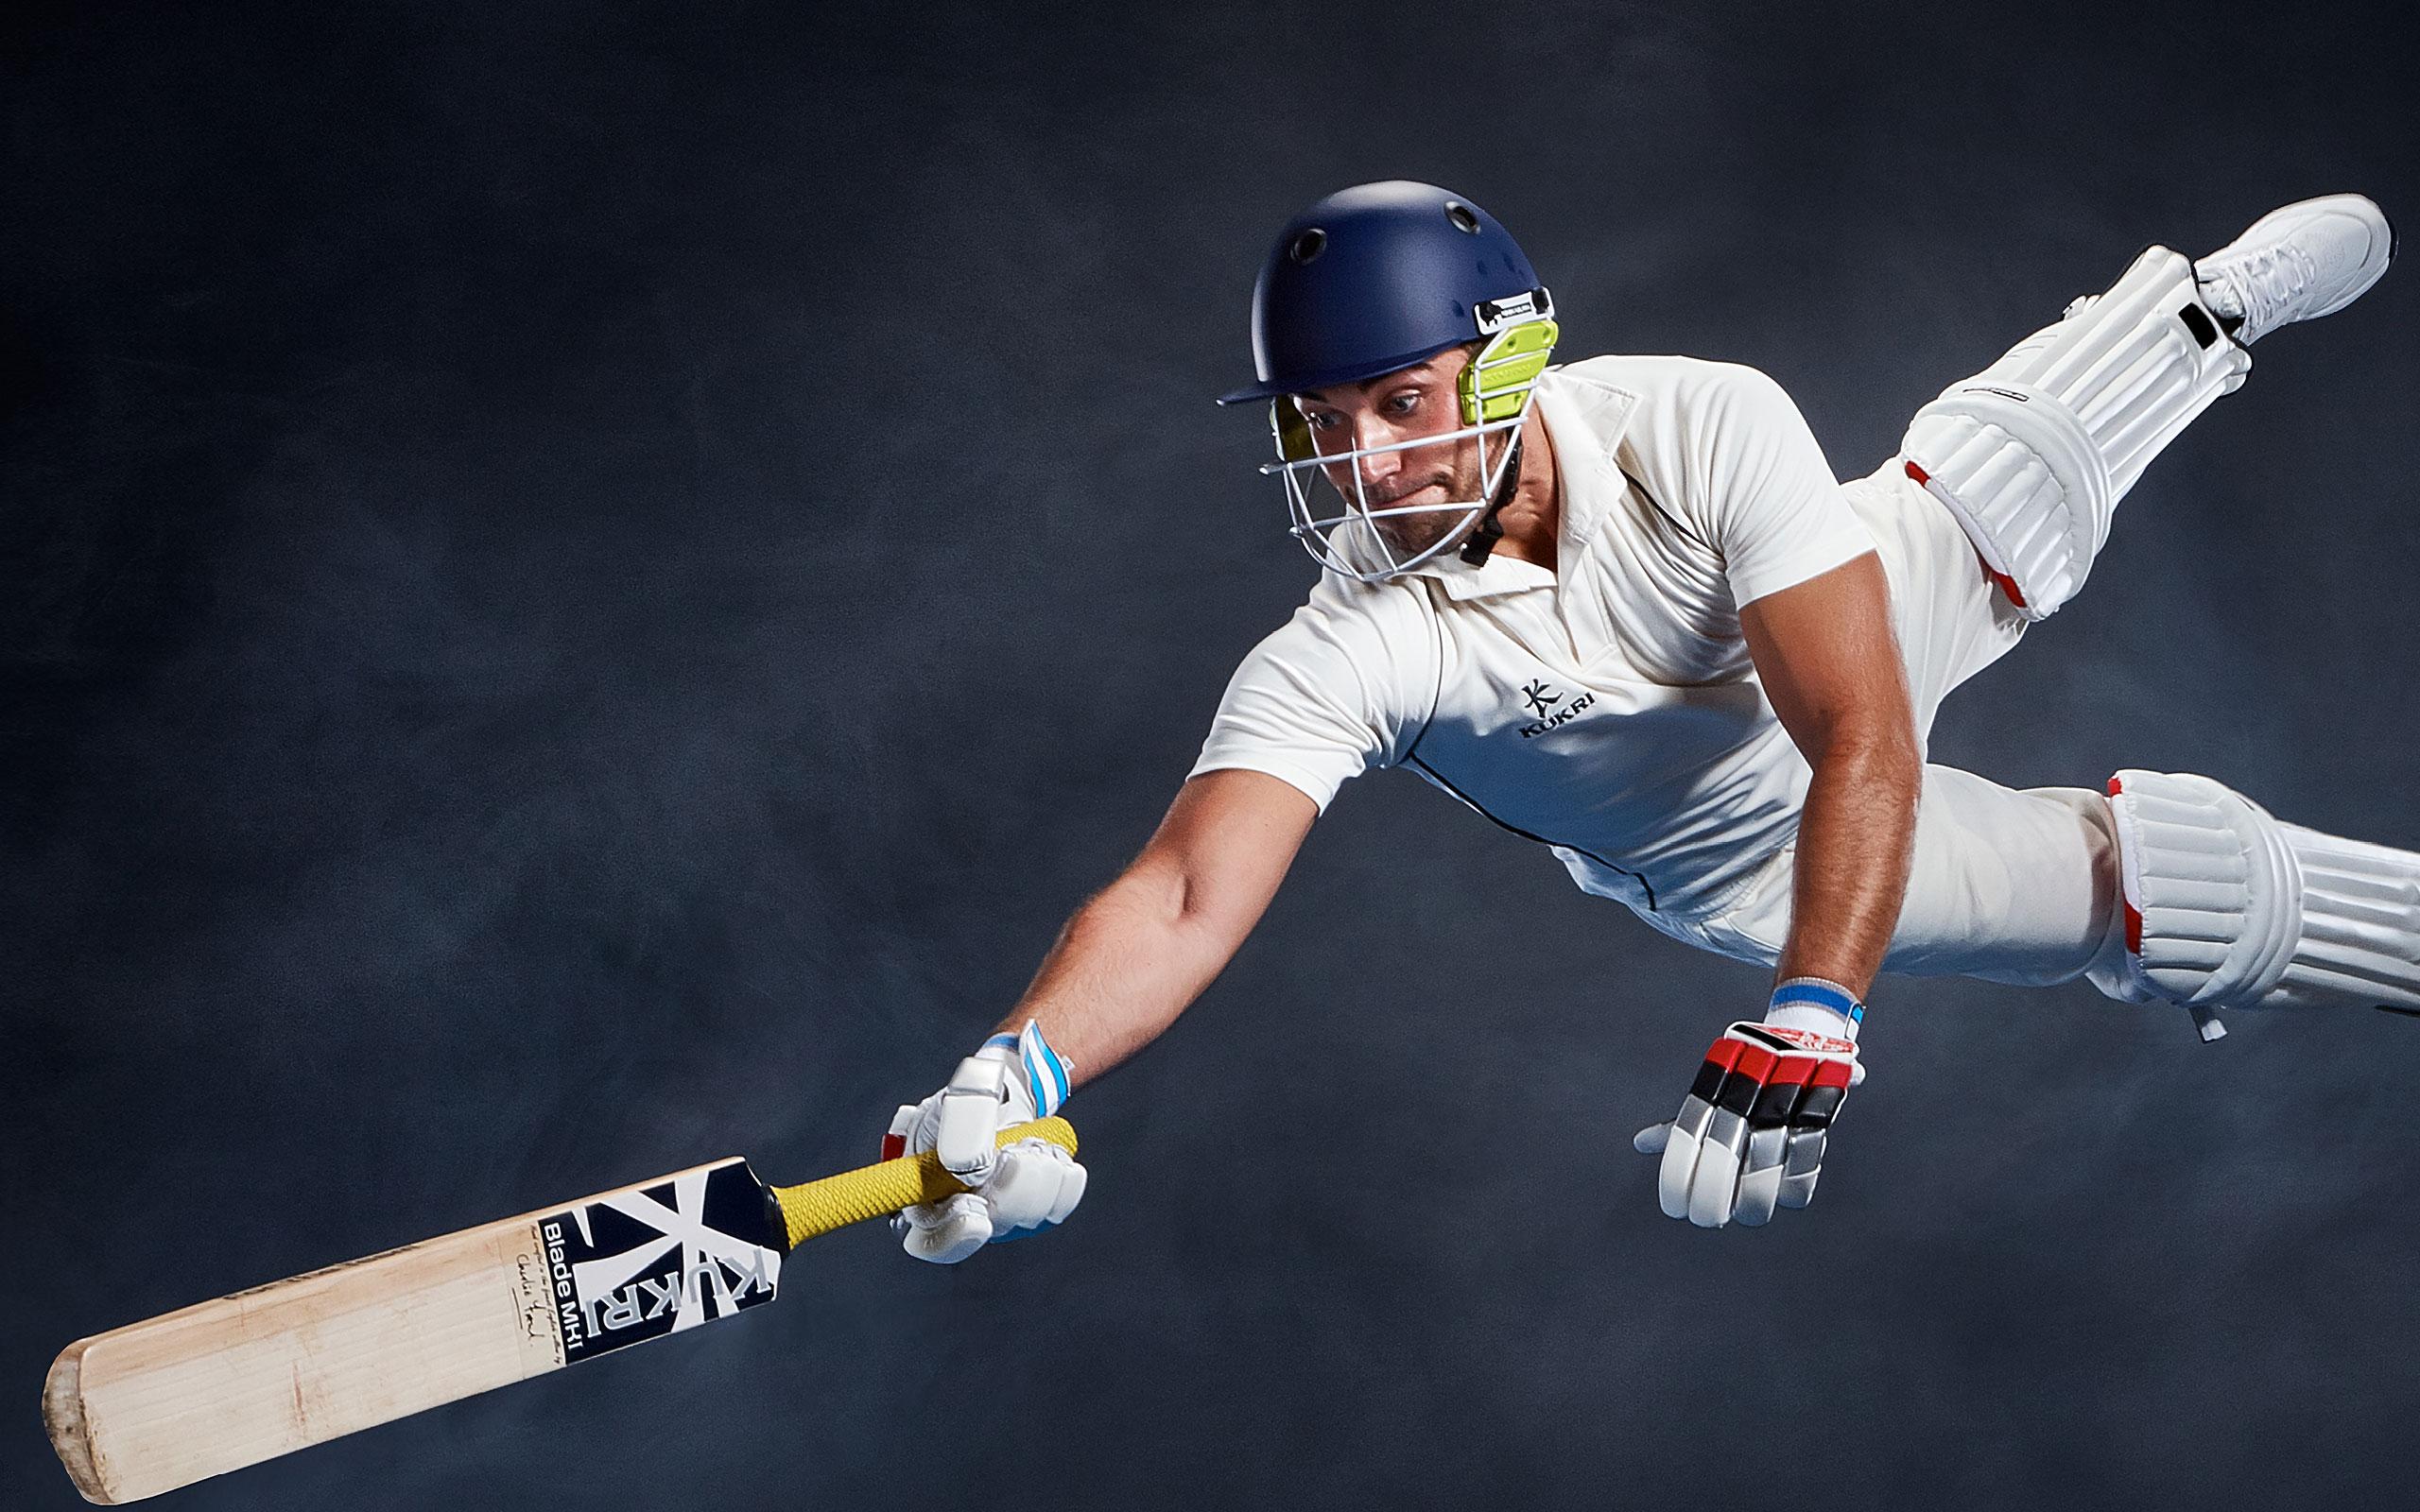 SL_KukriGB_Sports_Cricket.jpg